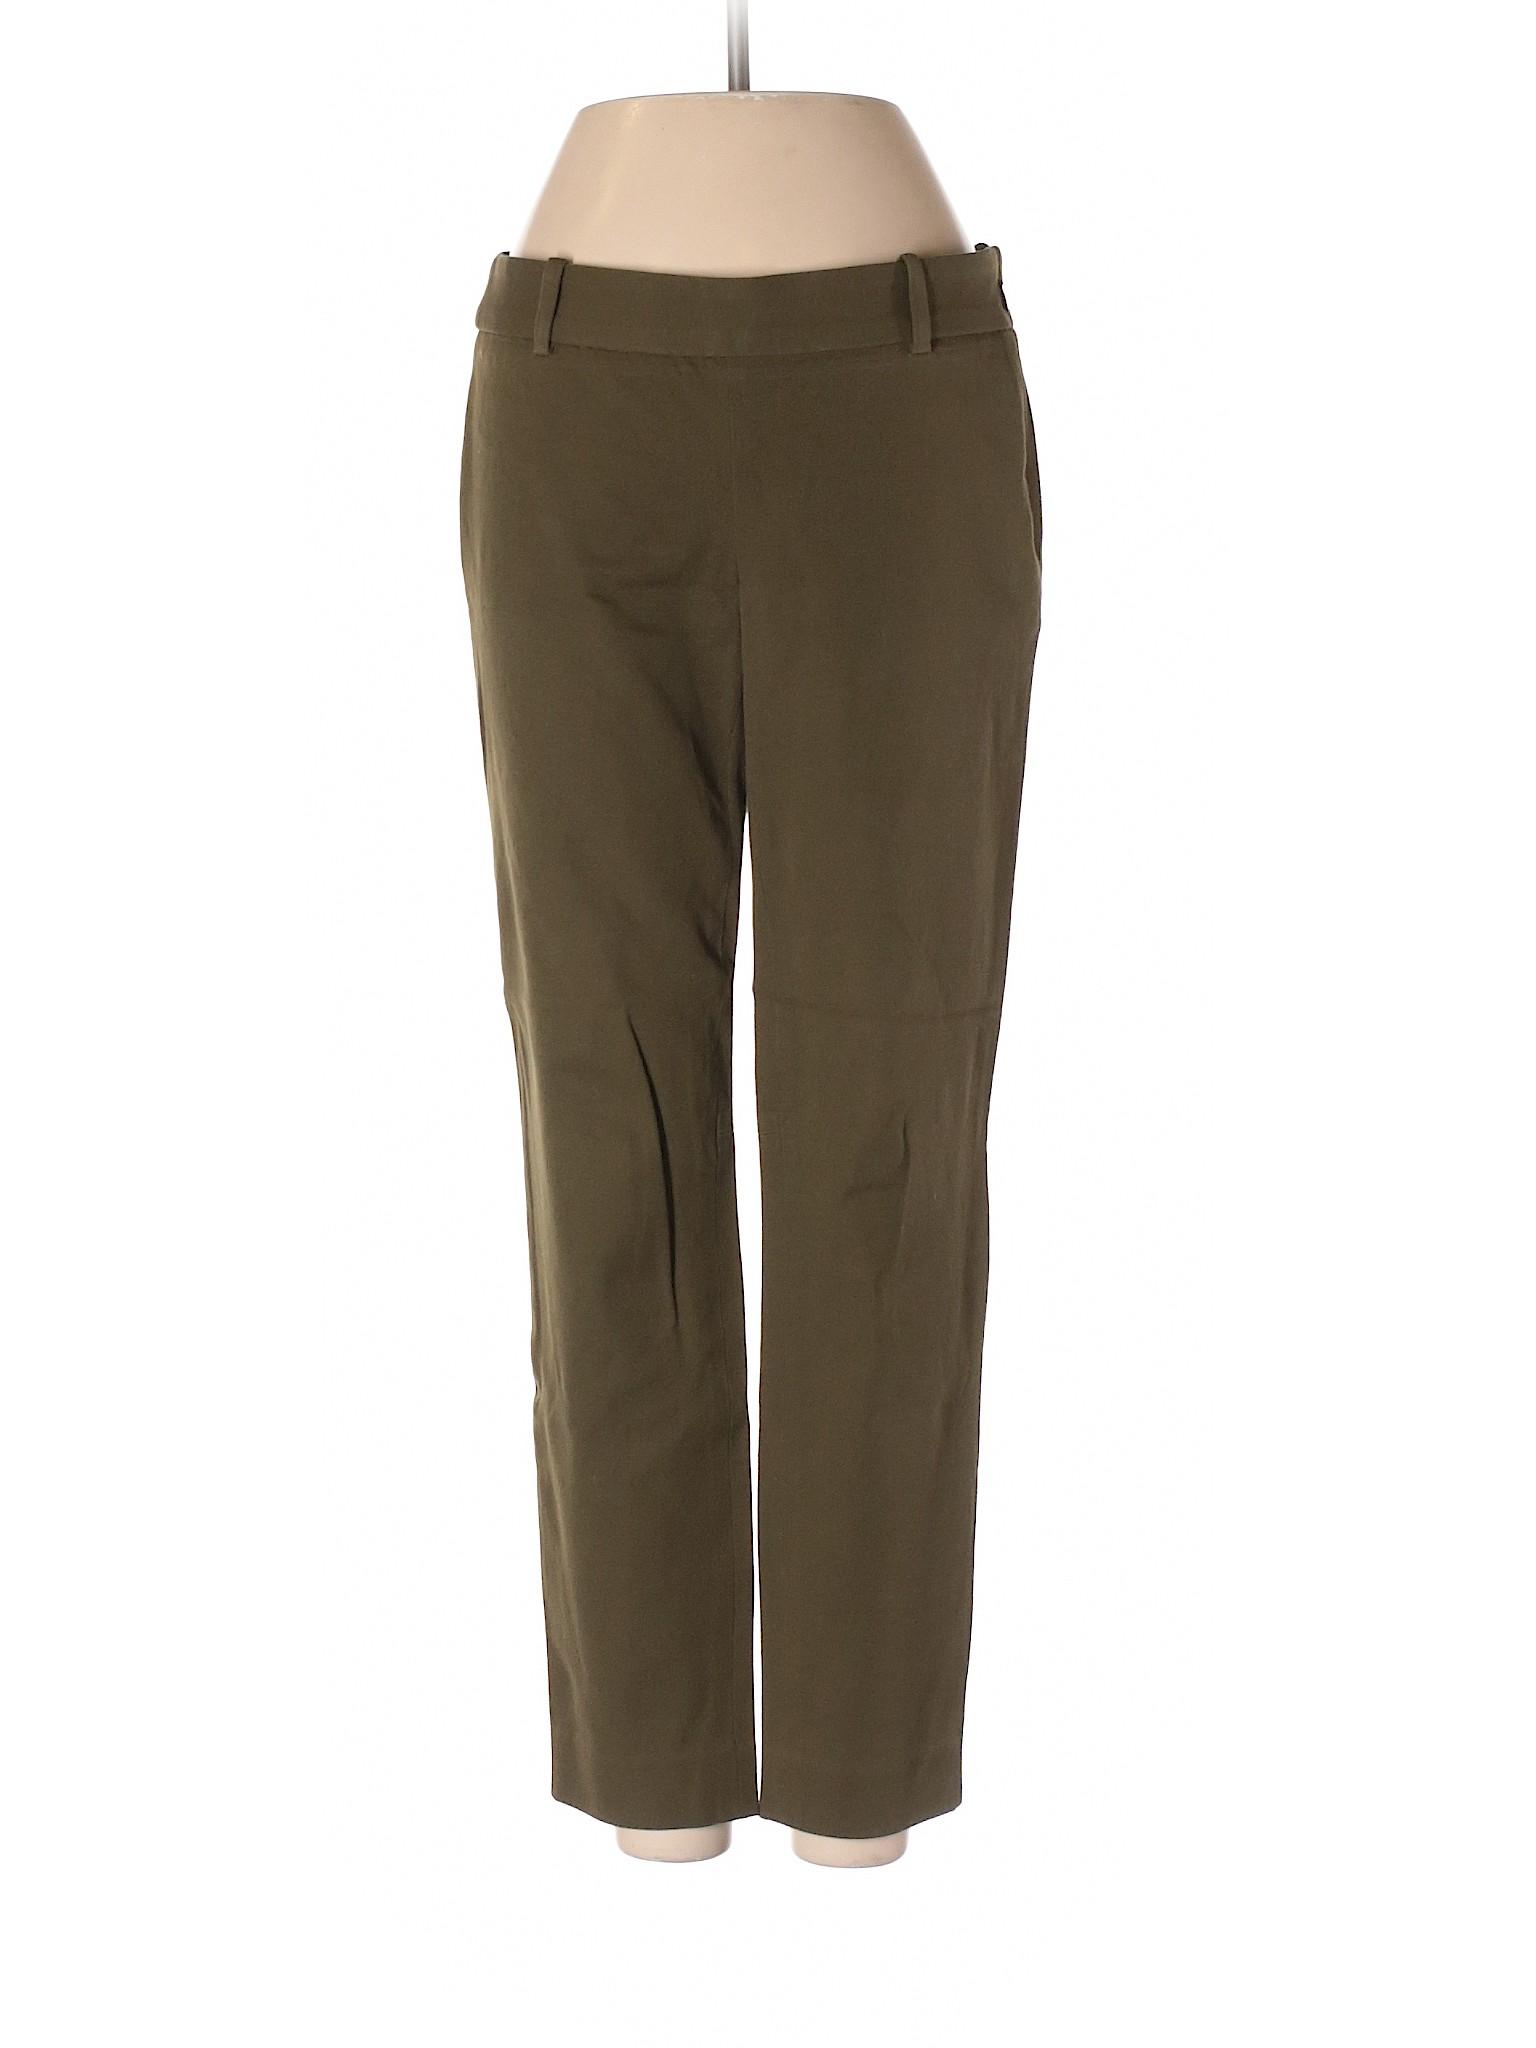 Pants Casual leisure Boutique J Crew IvqAwPAf